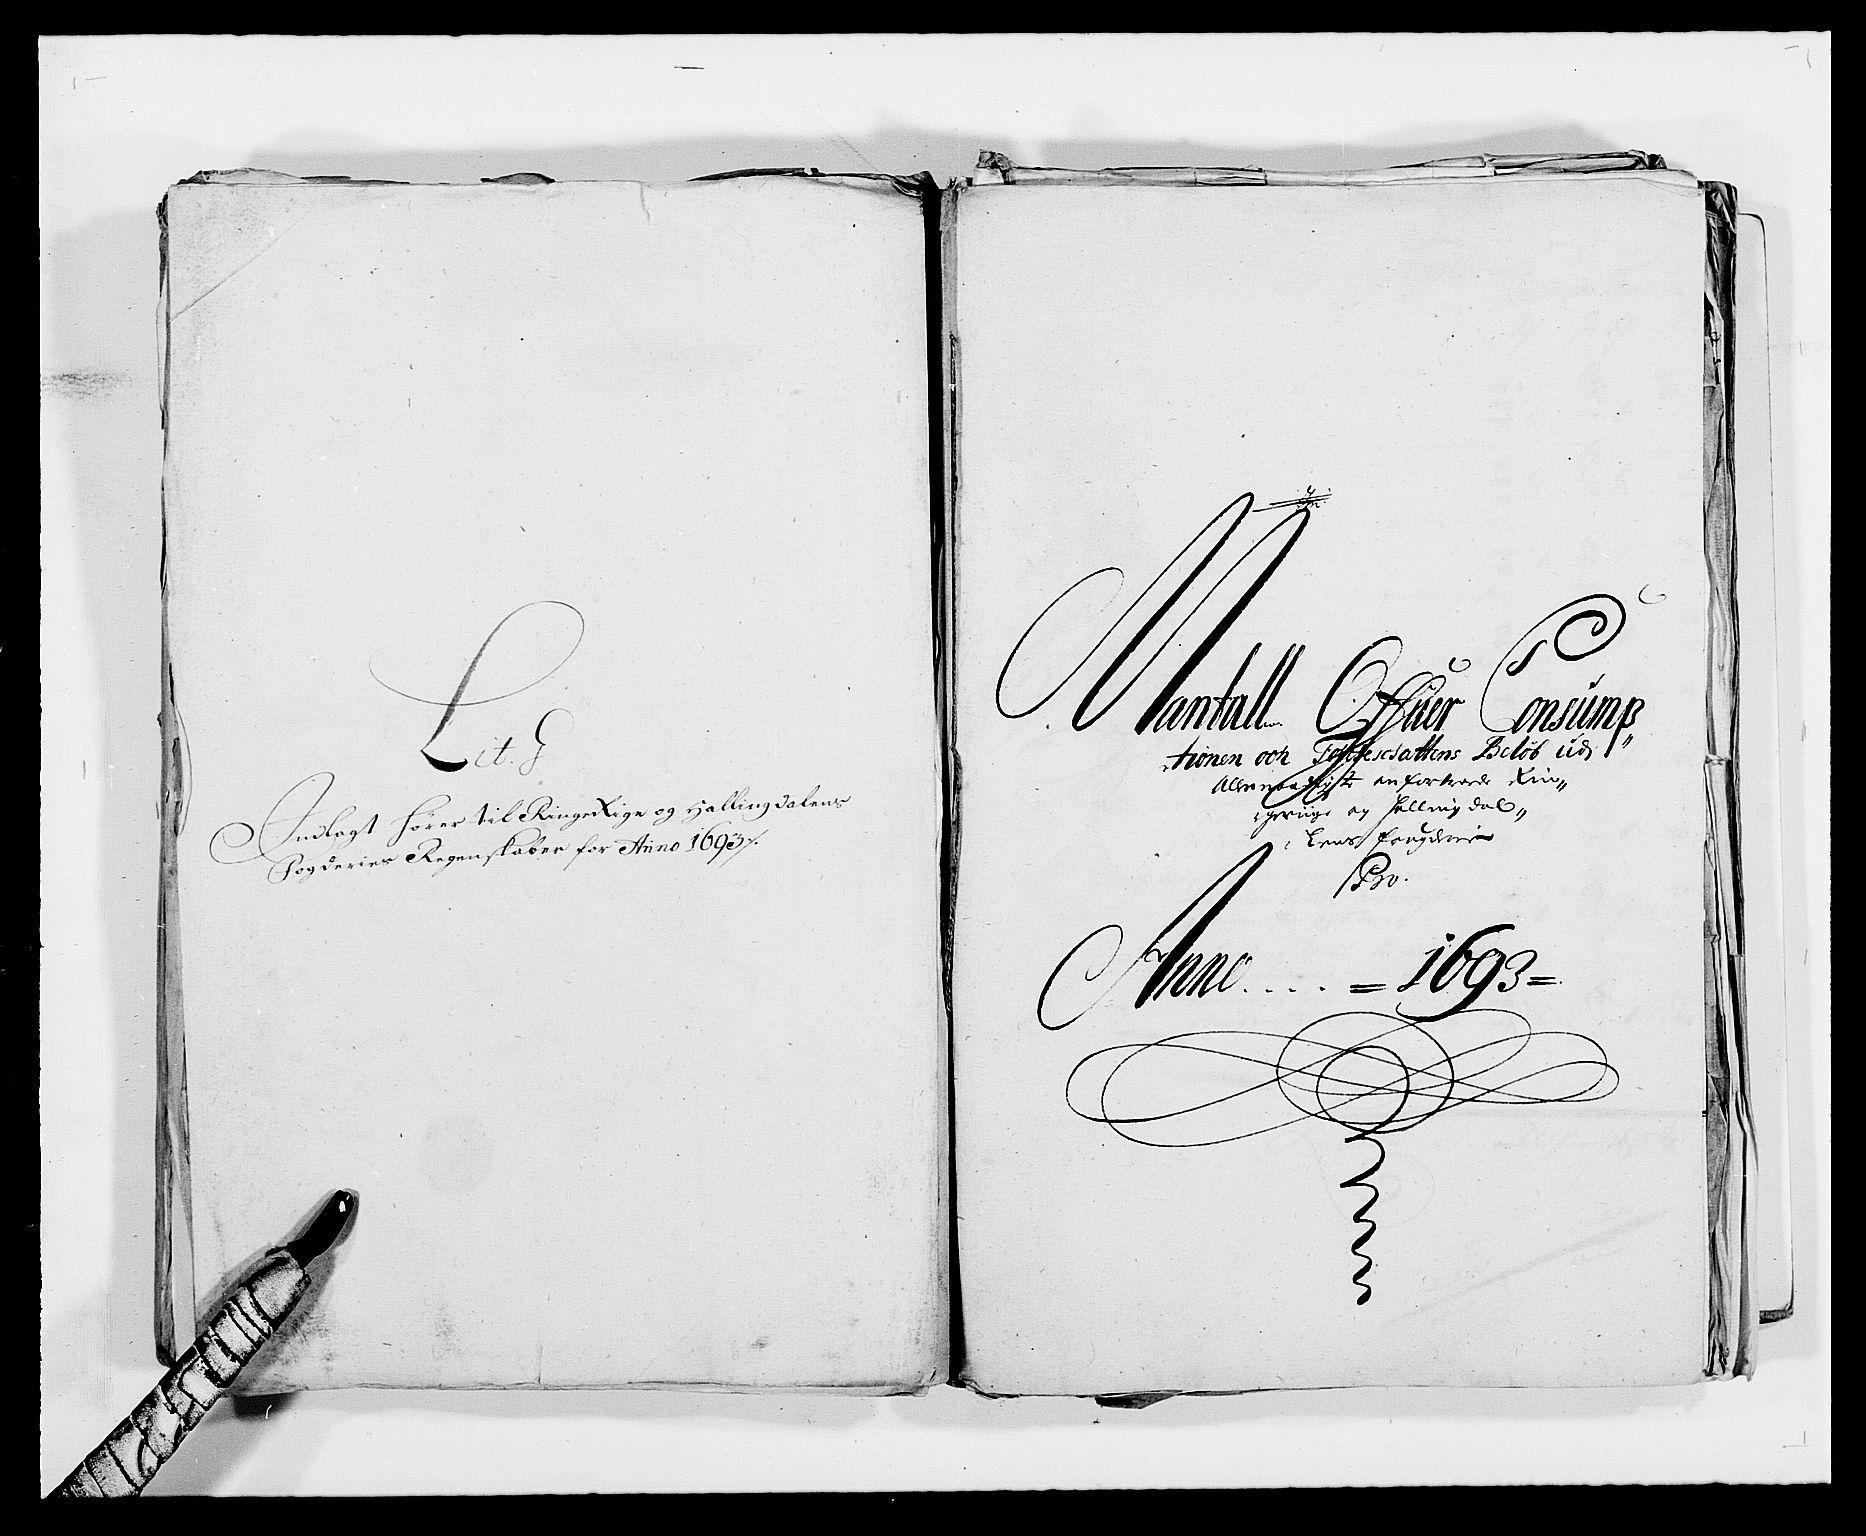 RA, Rentekammeret inntil 1814, Reviderte regnskaper, Fogderegnskap, R21/L1450: Fogderegnskap Ringerike og Hallingdal, 1693, s. 108